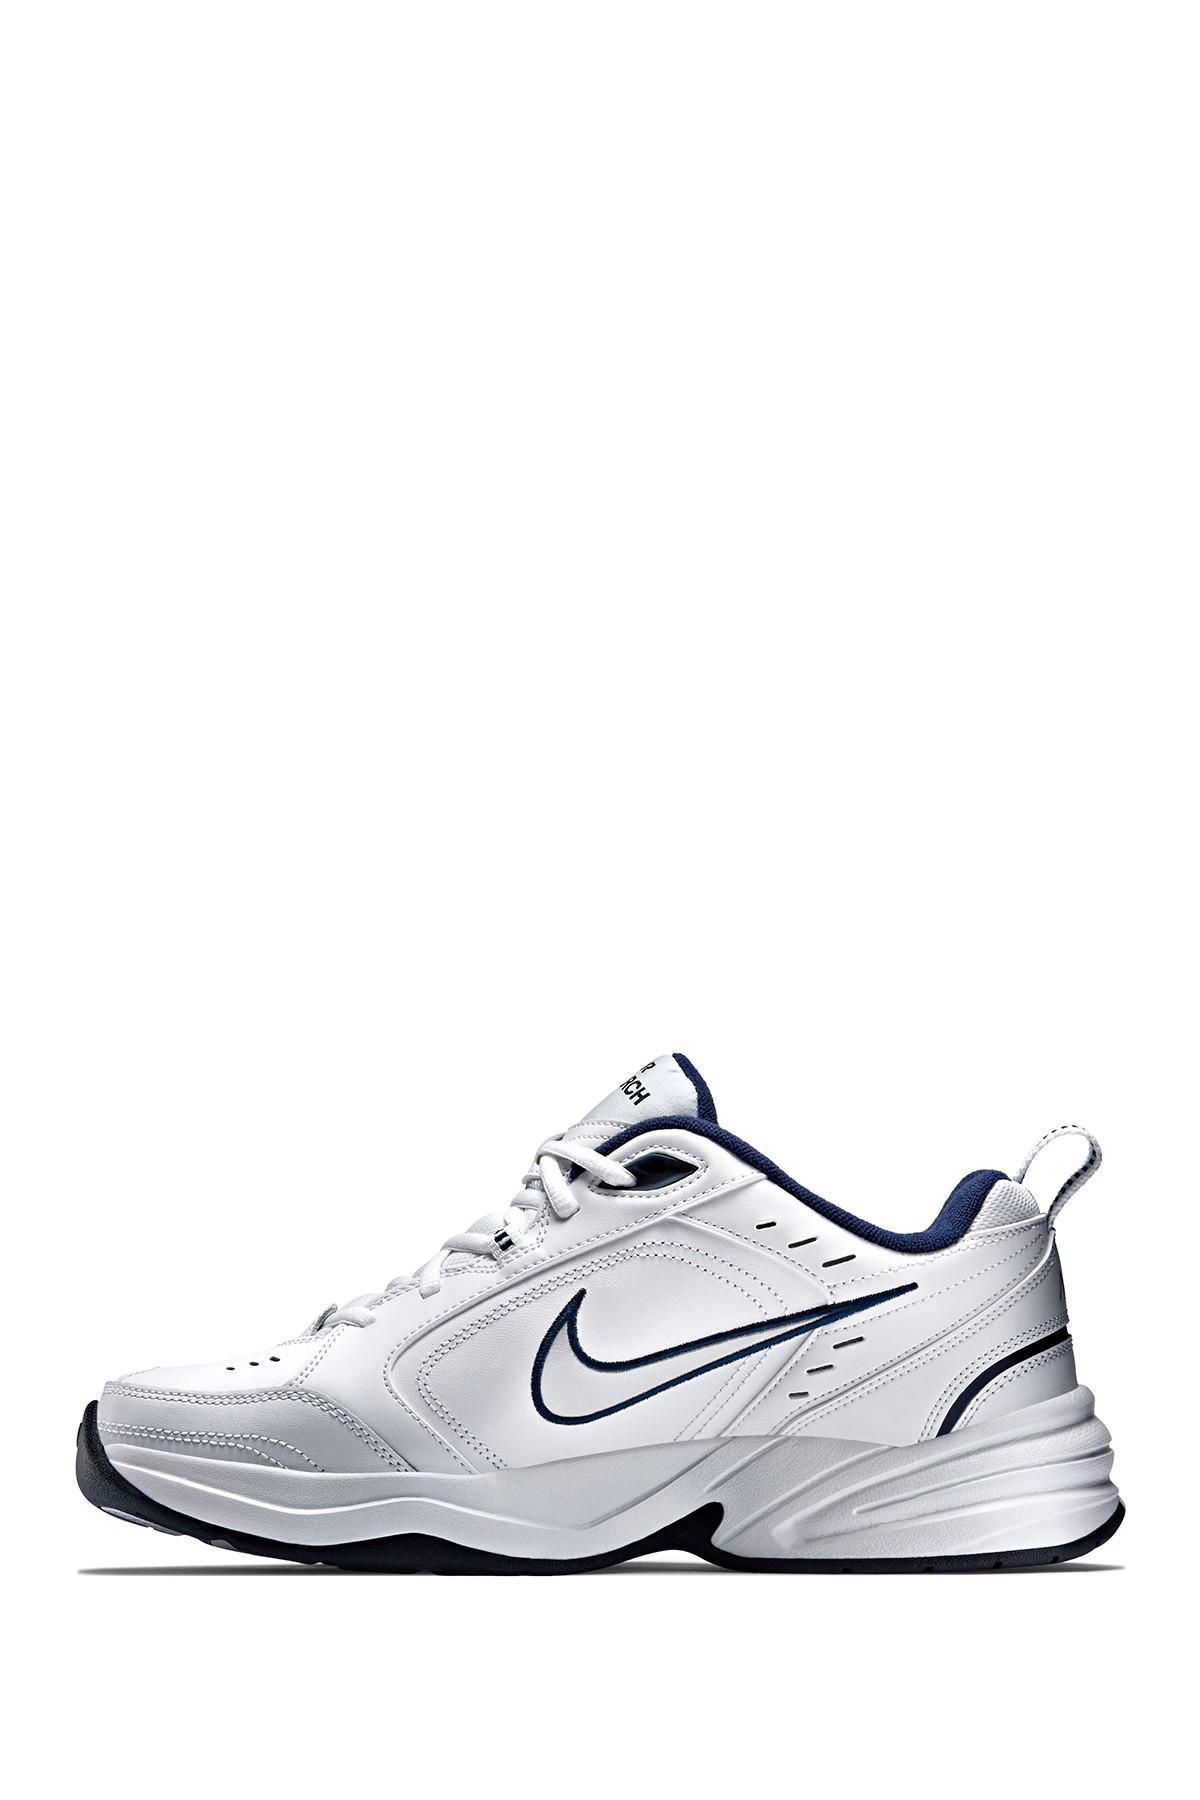 987d5579660e White Monarch Zapatillas Iv Air Lyst hombre de para entrenamiento Nike  PxtgFf